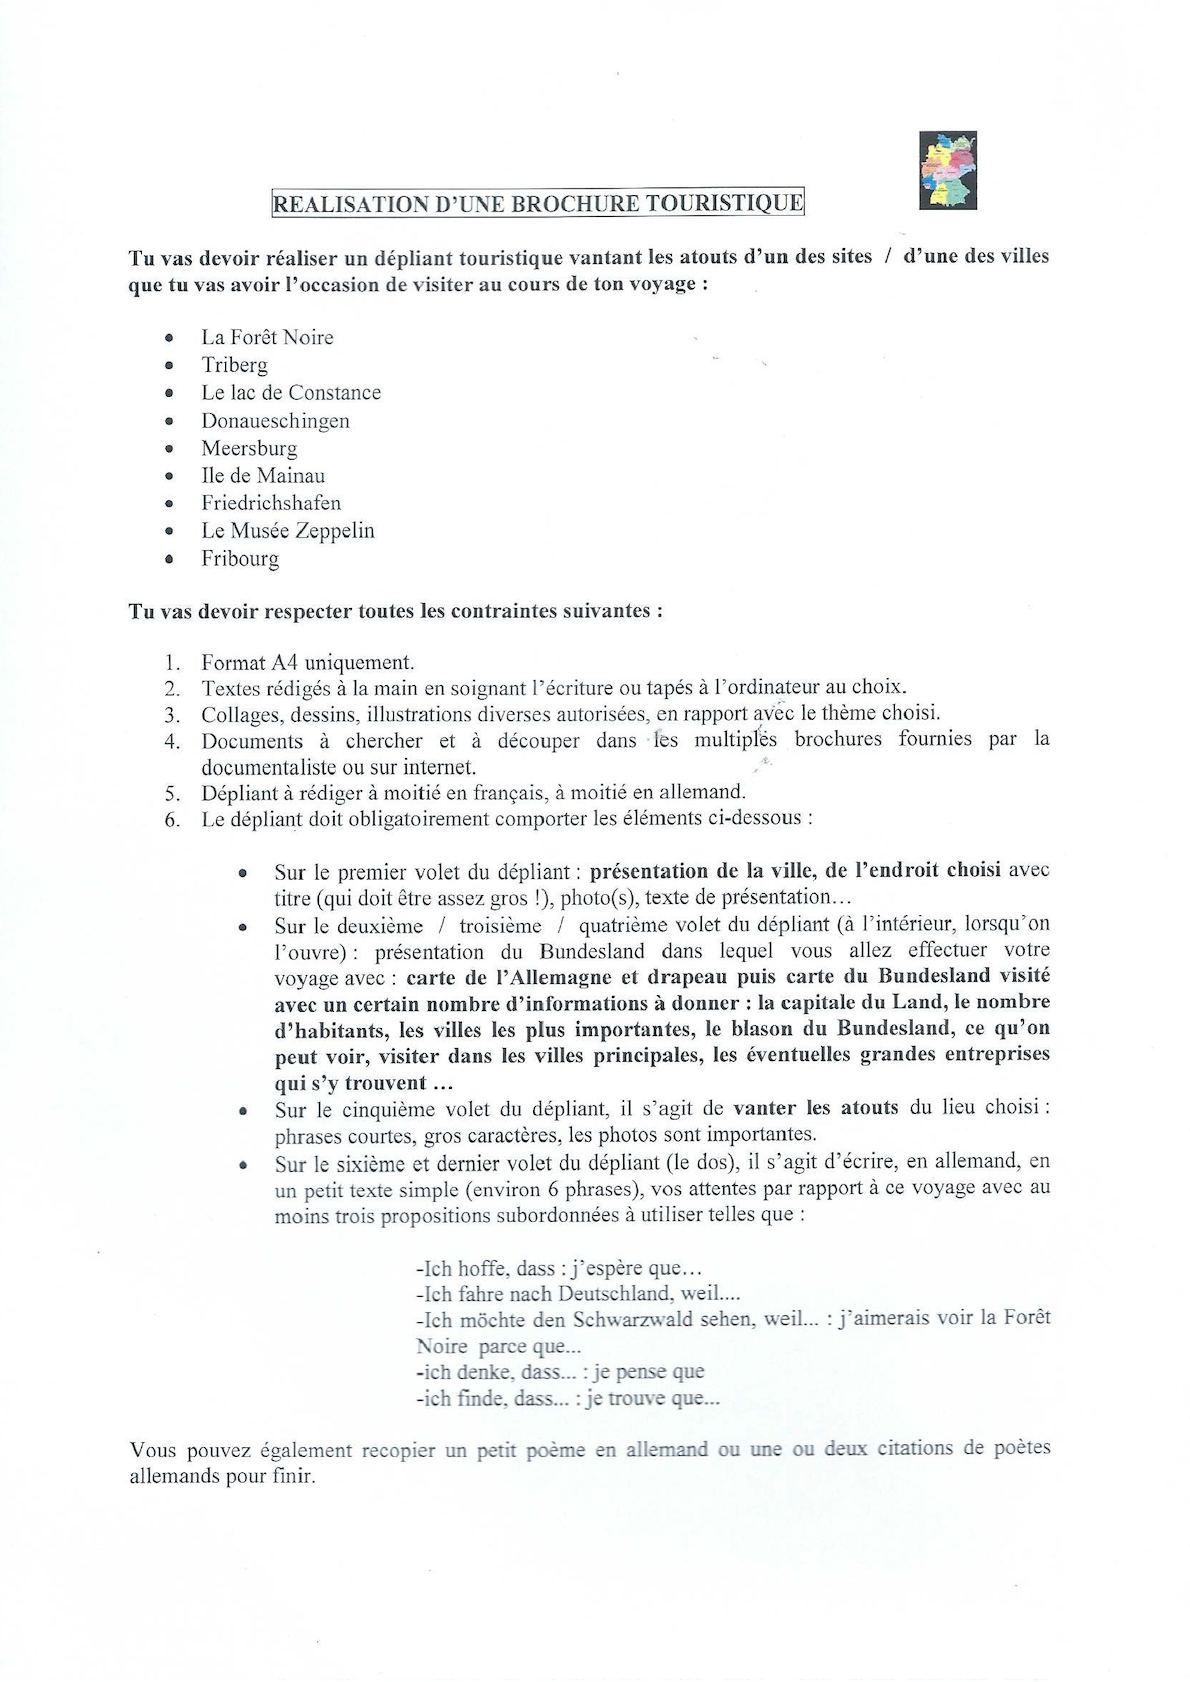 Calaméo Brochures Touristiques Voyage En Forêt Noire 2002